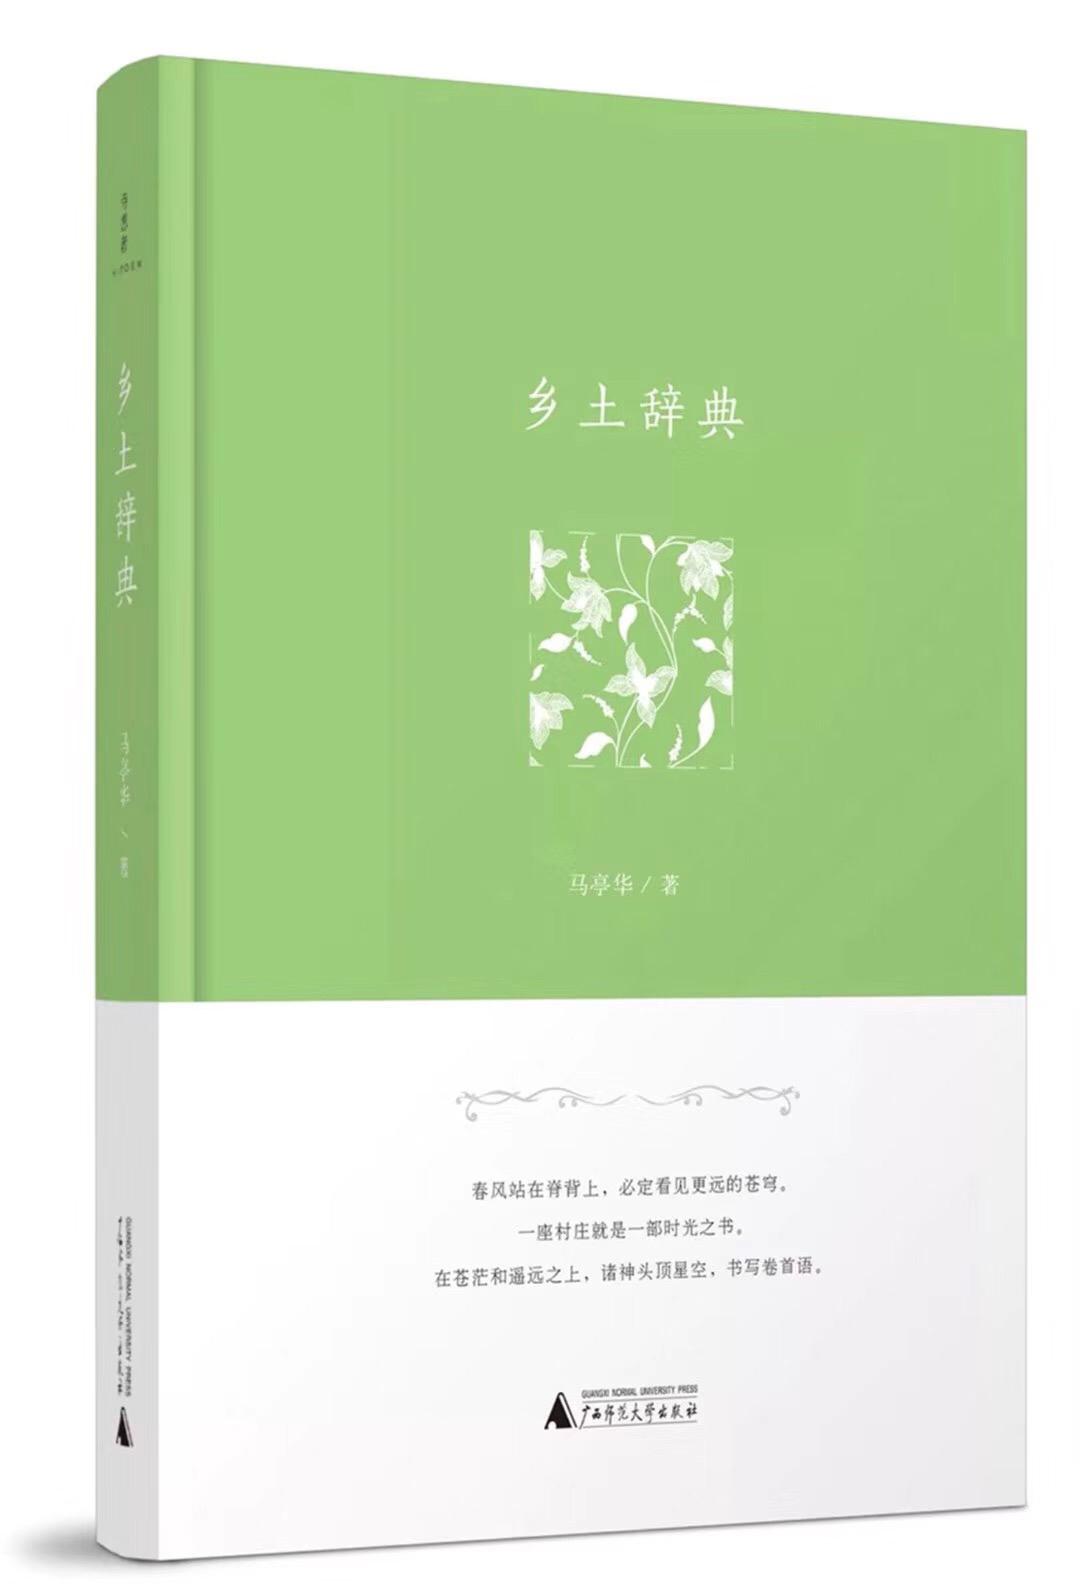 《乡土辞典》(散文诗)